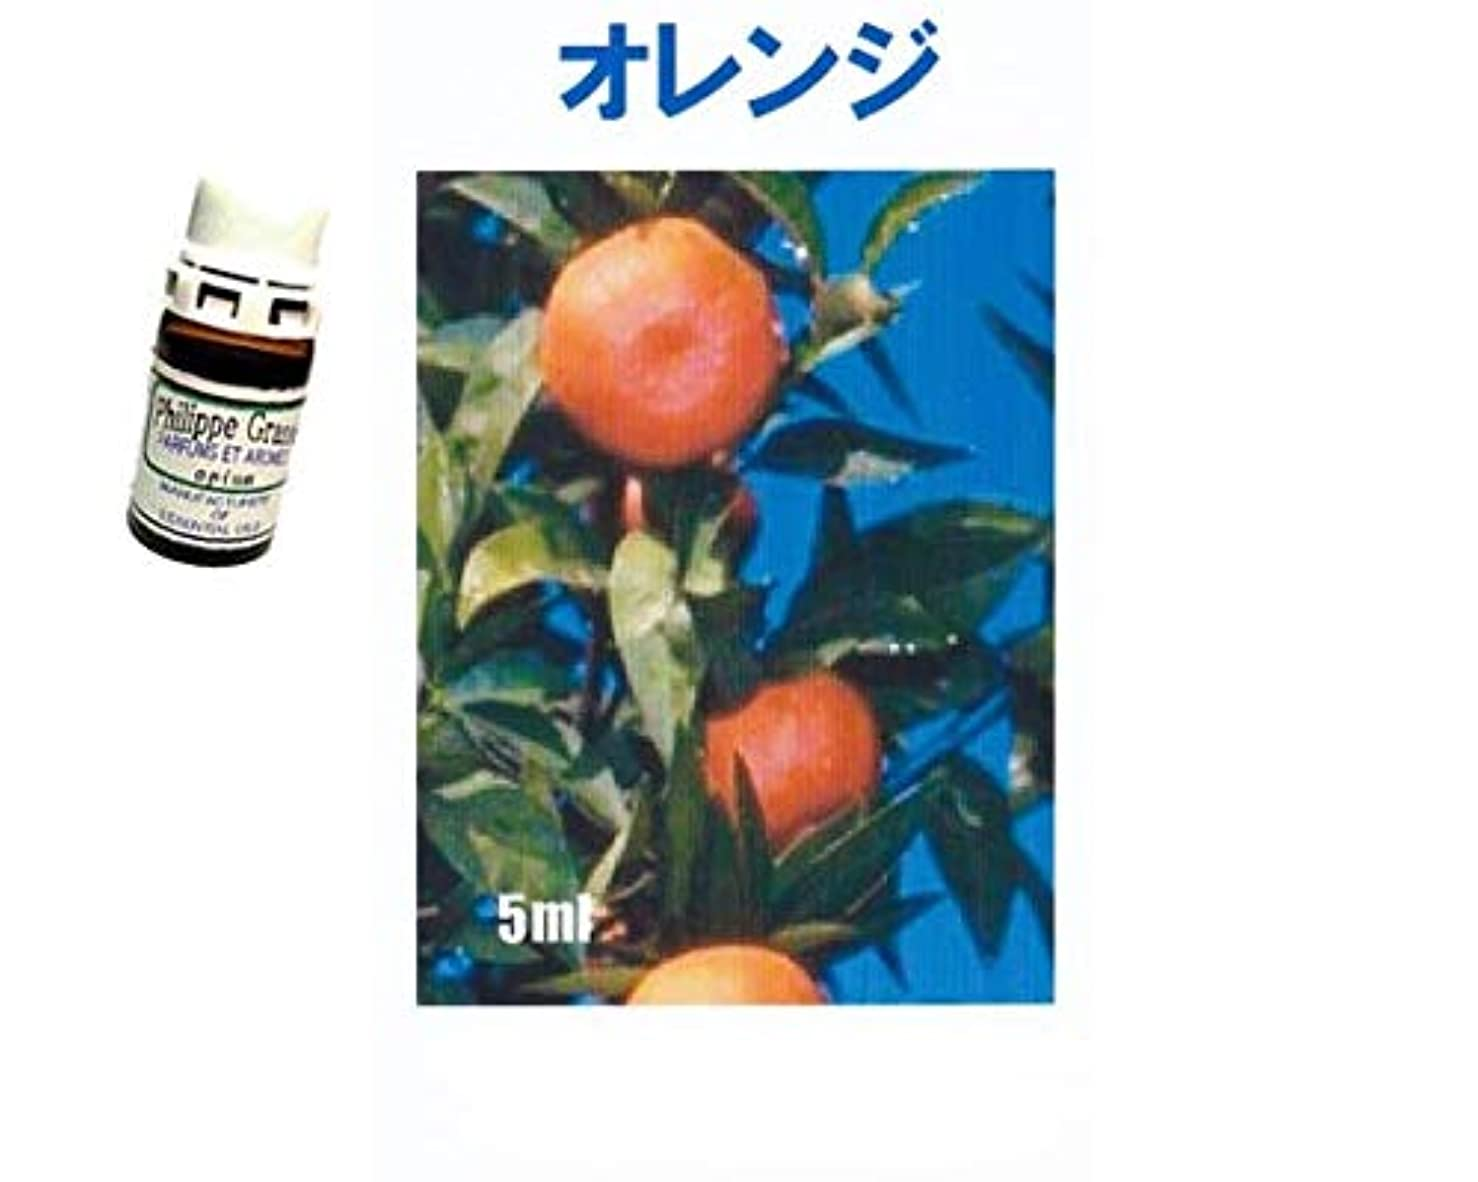 有益ユニークな迷惑アロマオイル オレンジ 5ml エッセンシャルオイル 100%天然成分